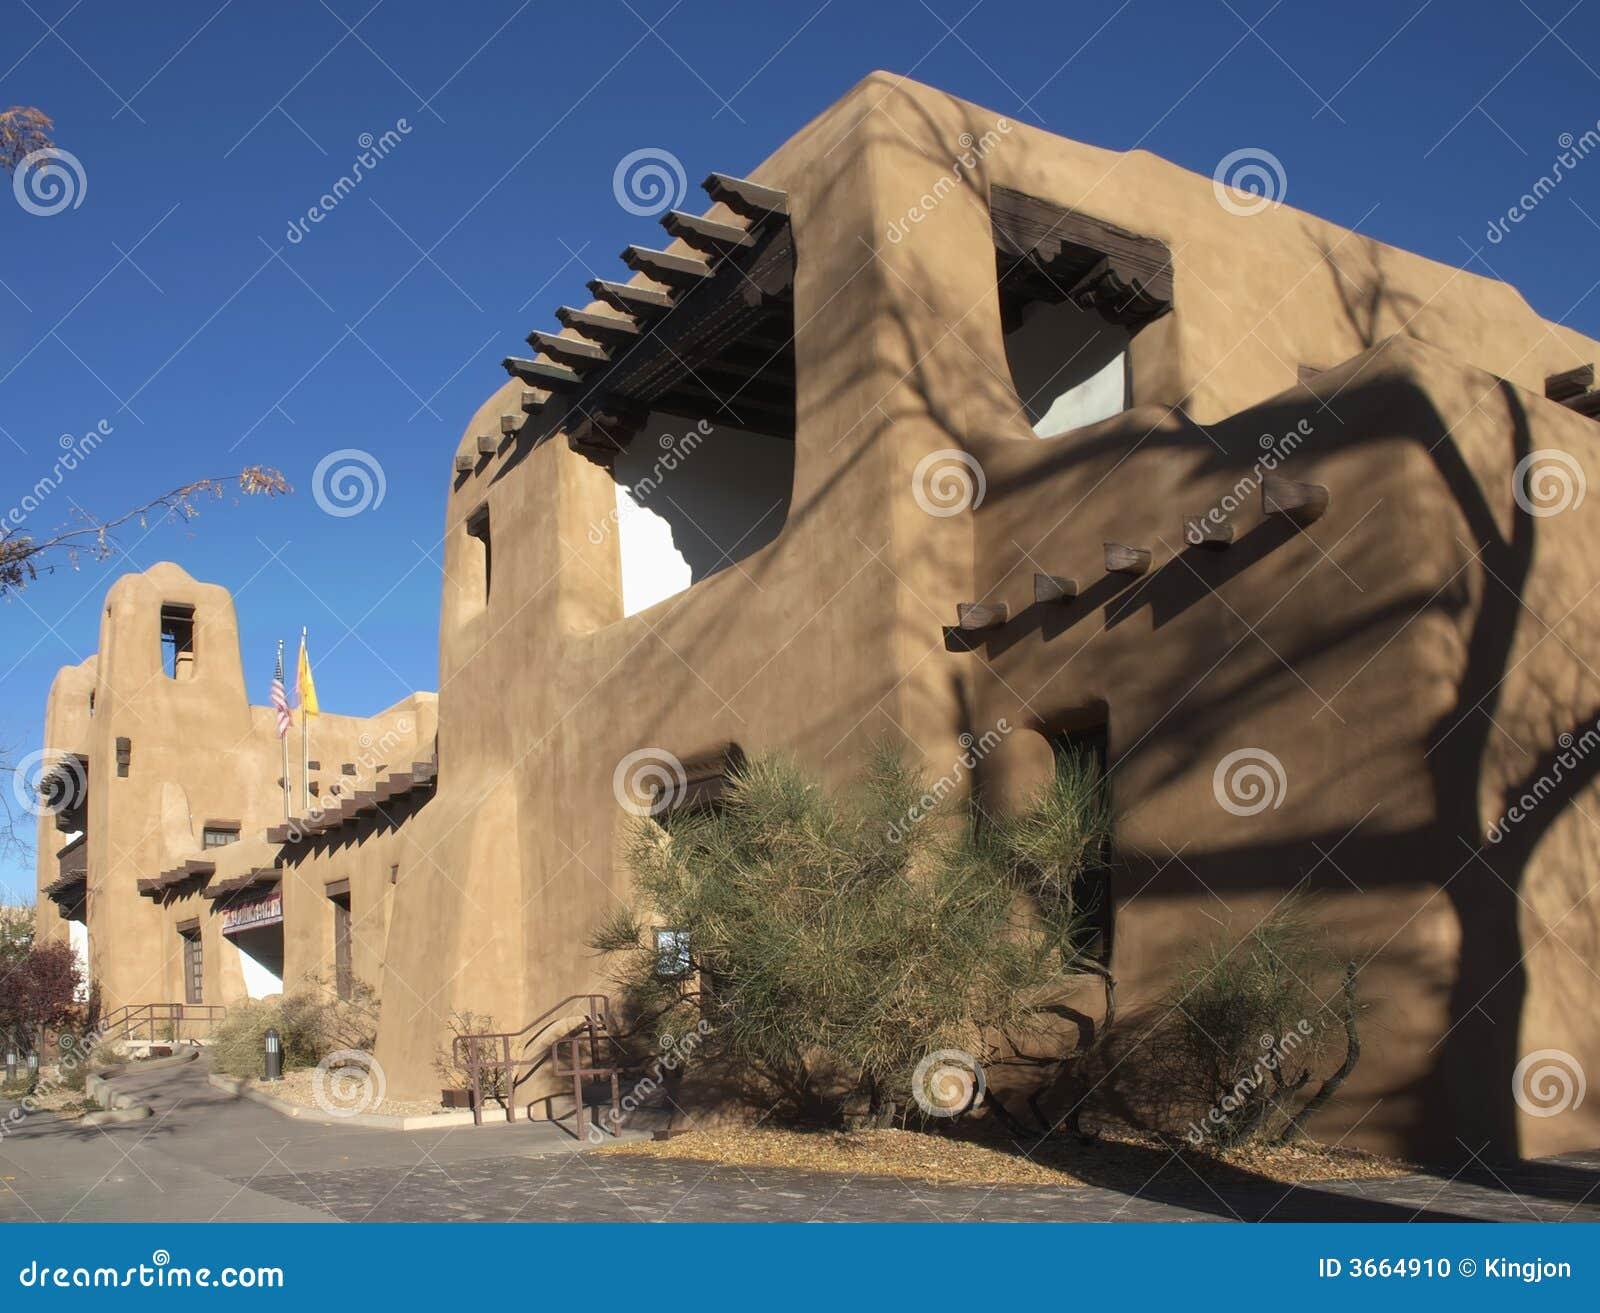 Museo de arte en Santa Fe